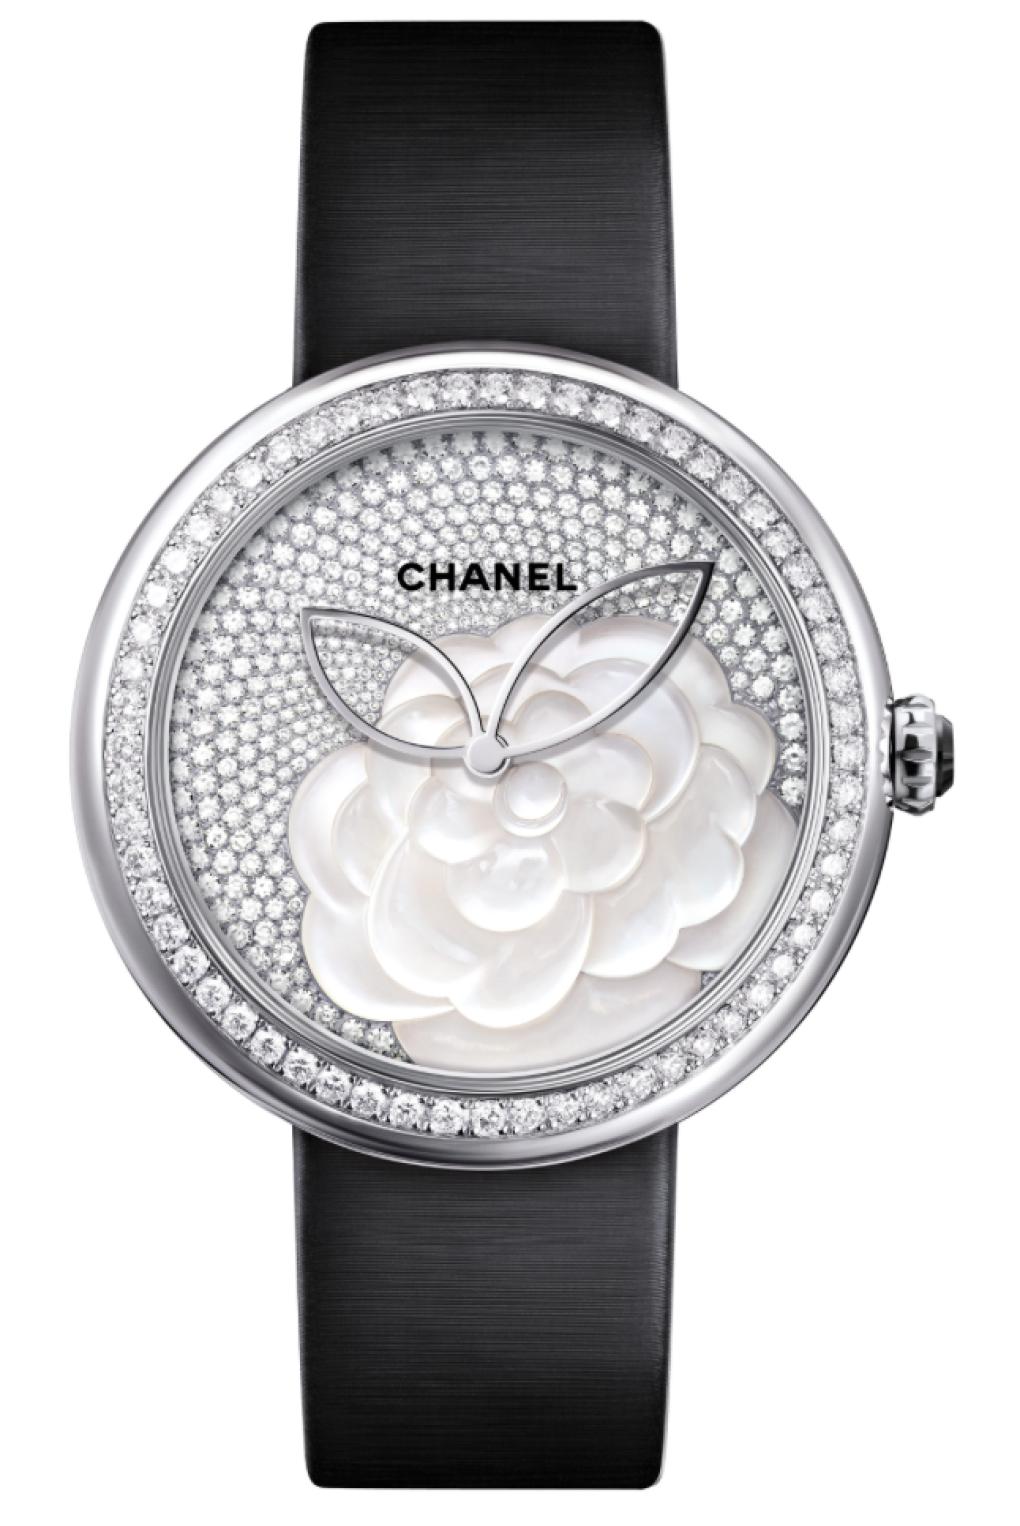 Chanel presenta Mademoiselle Privé Décor Camélia Nacré